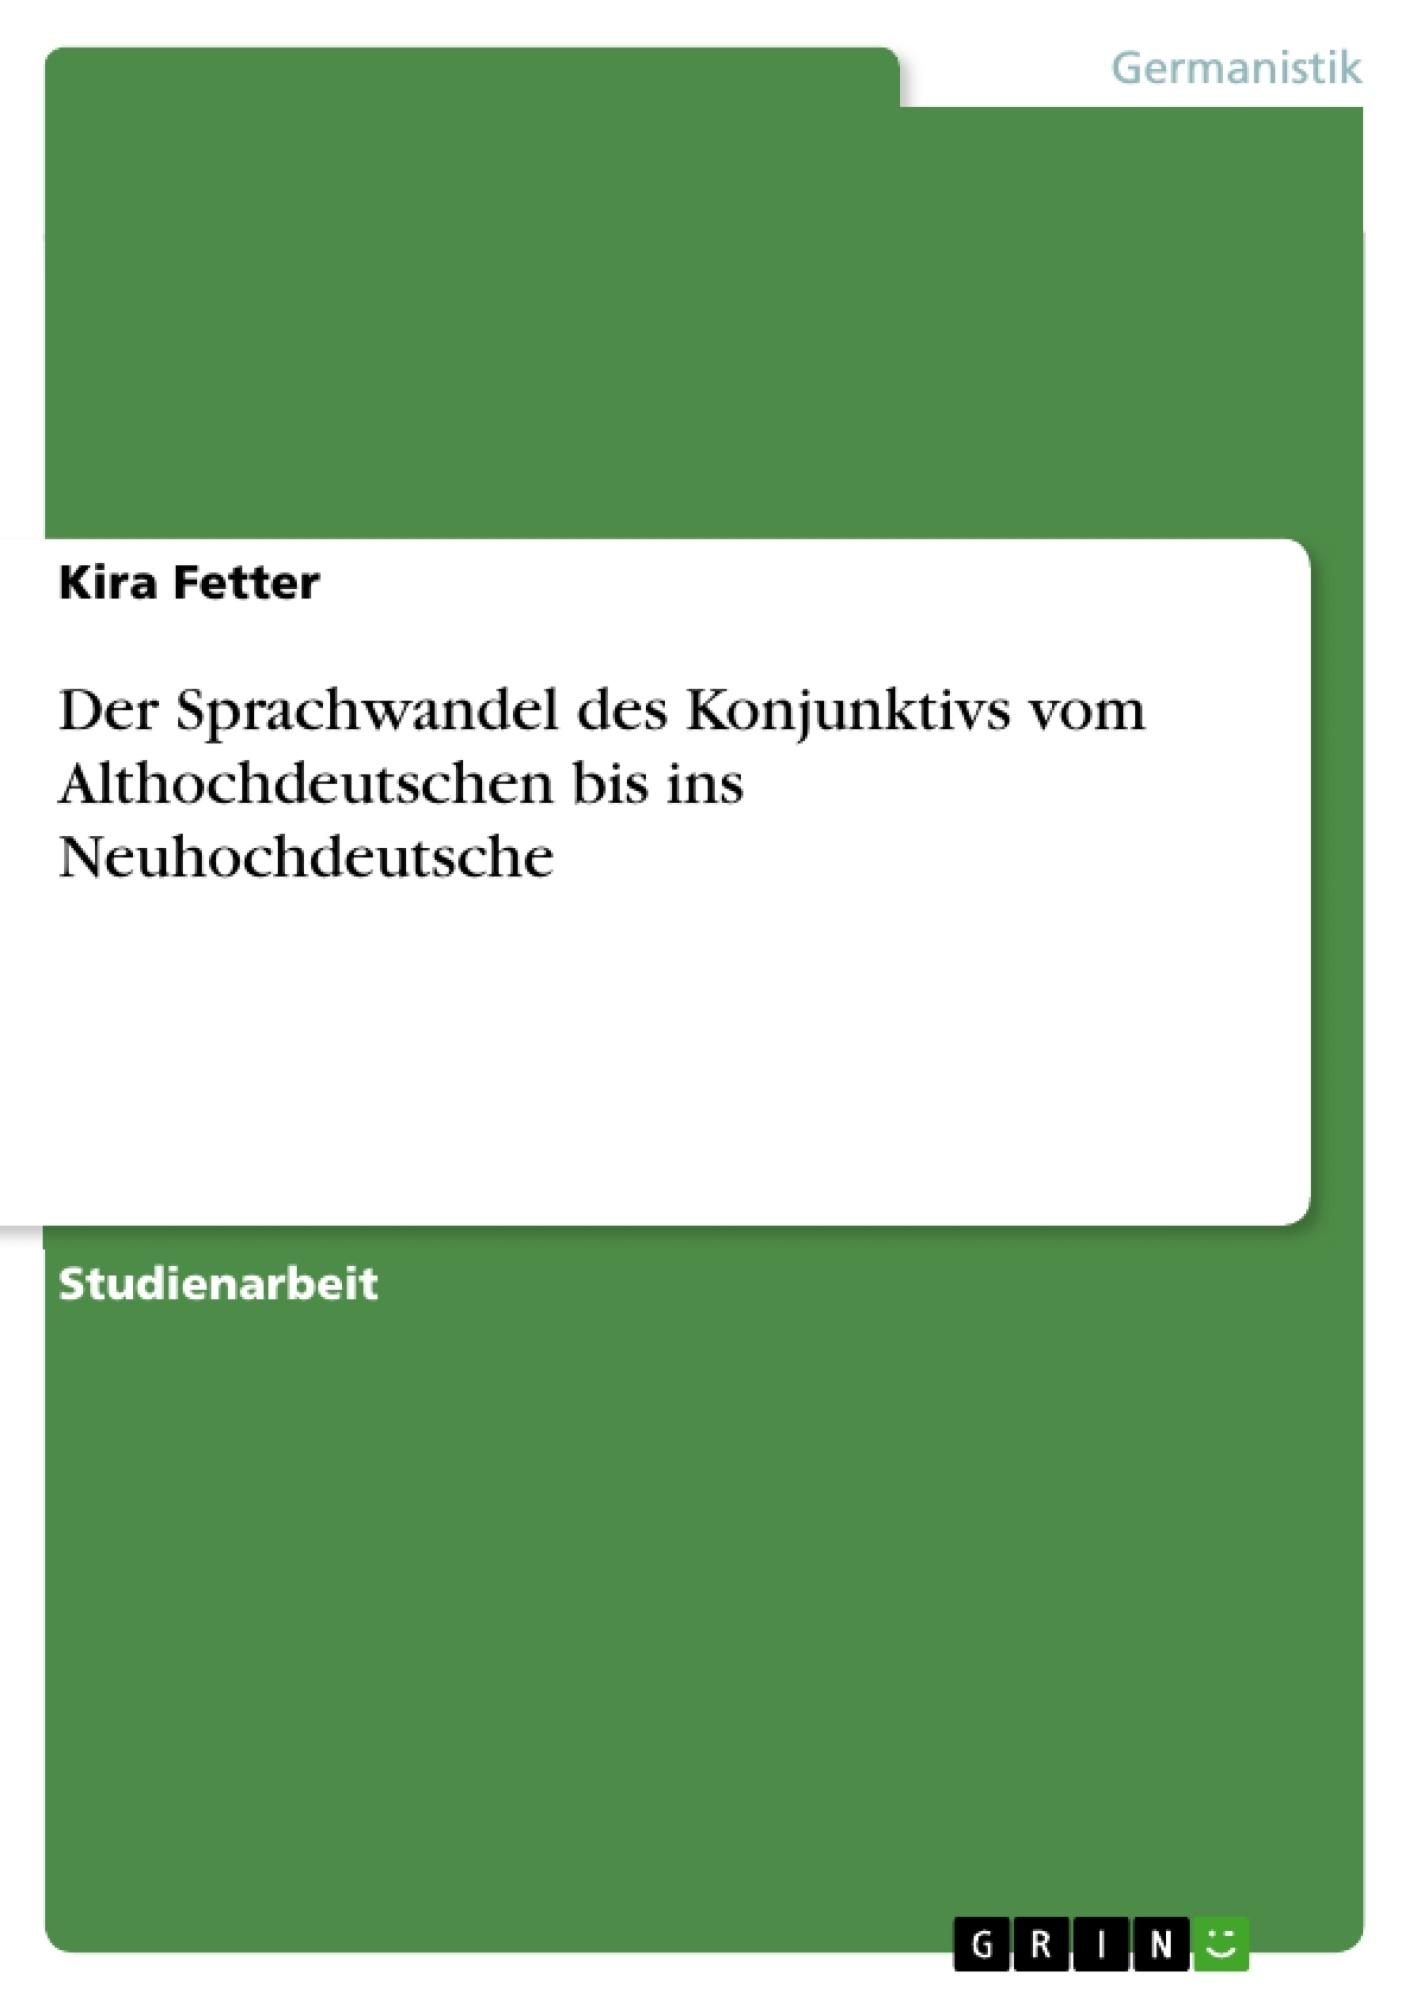 Titel: Der Sprachwandel des Konjunktivs vom Althochdeutschen bis ins Neuhochdeutsche